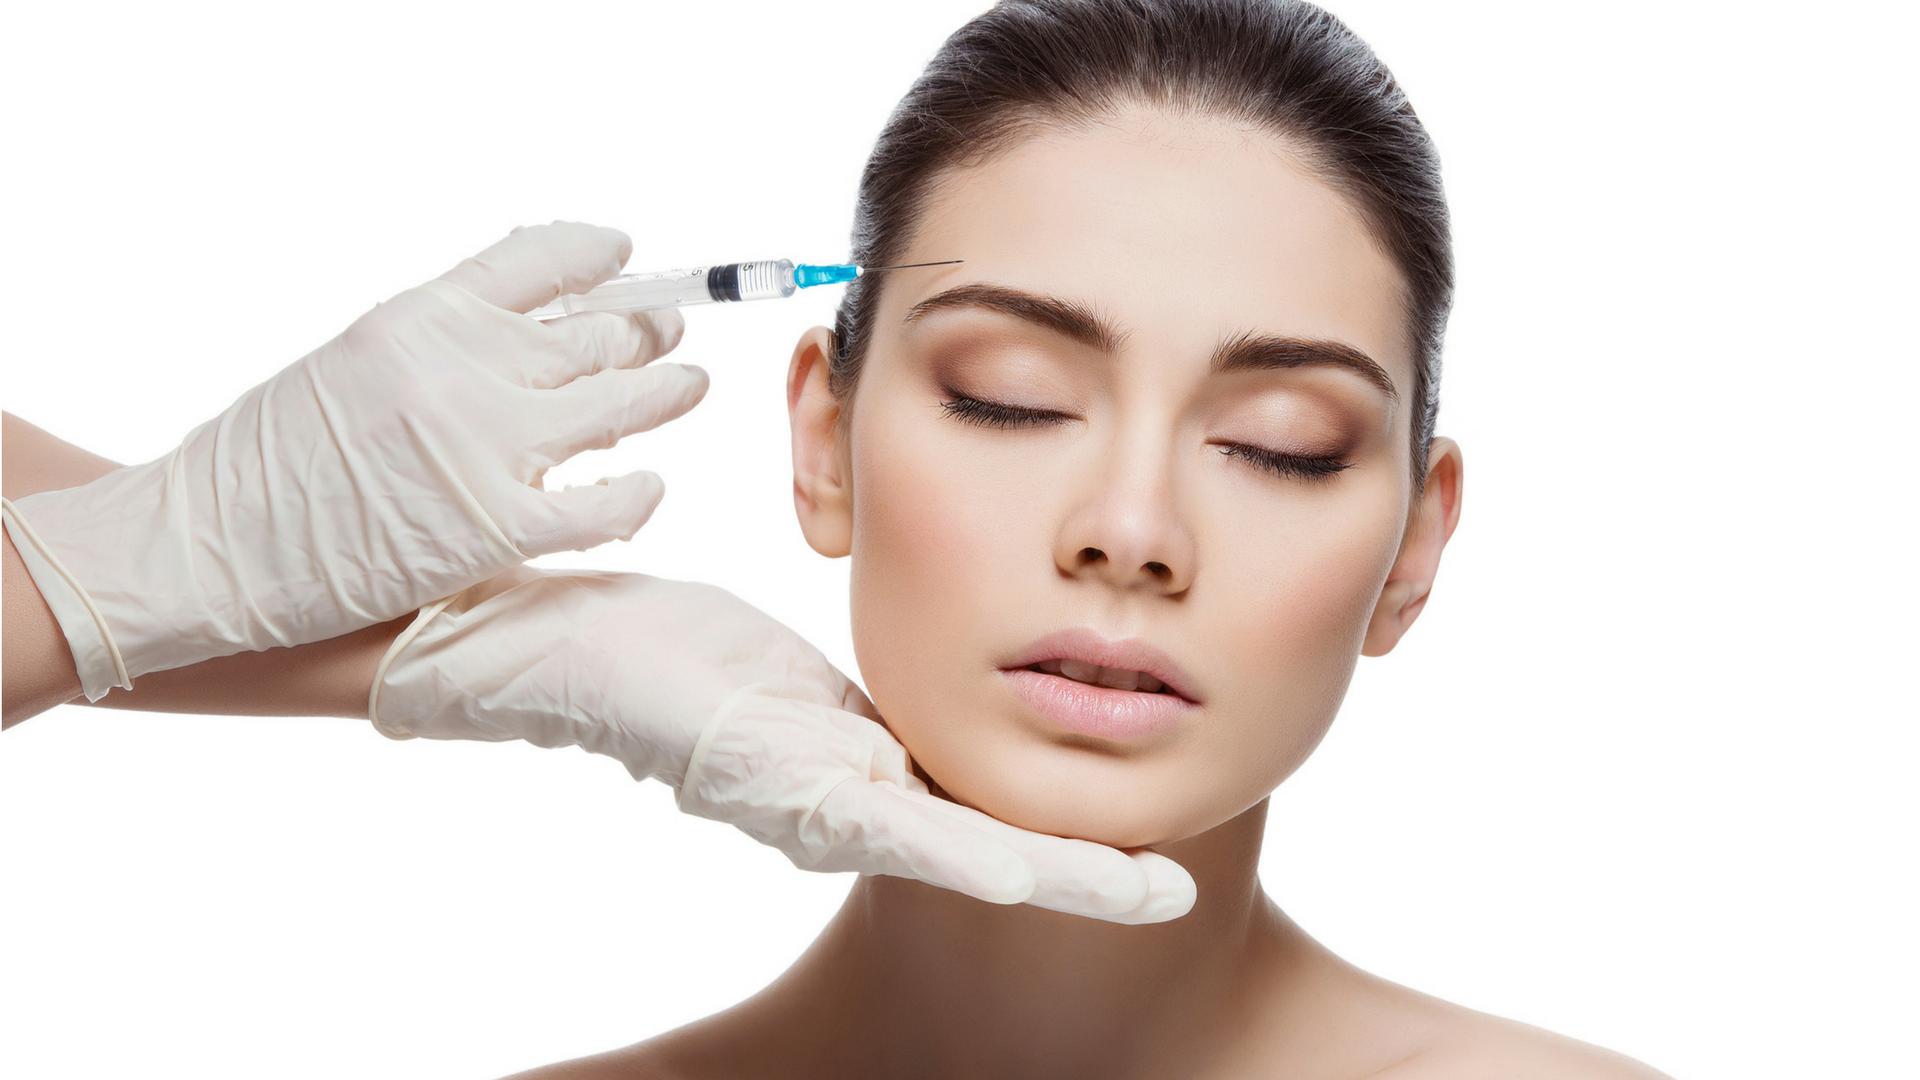 Mitos y verdades sobre botox y rellenos – CÓDIGO SALUD